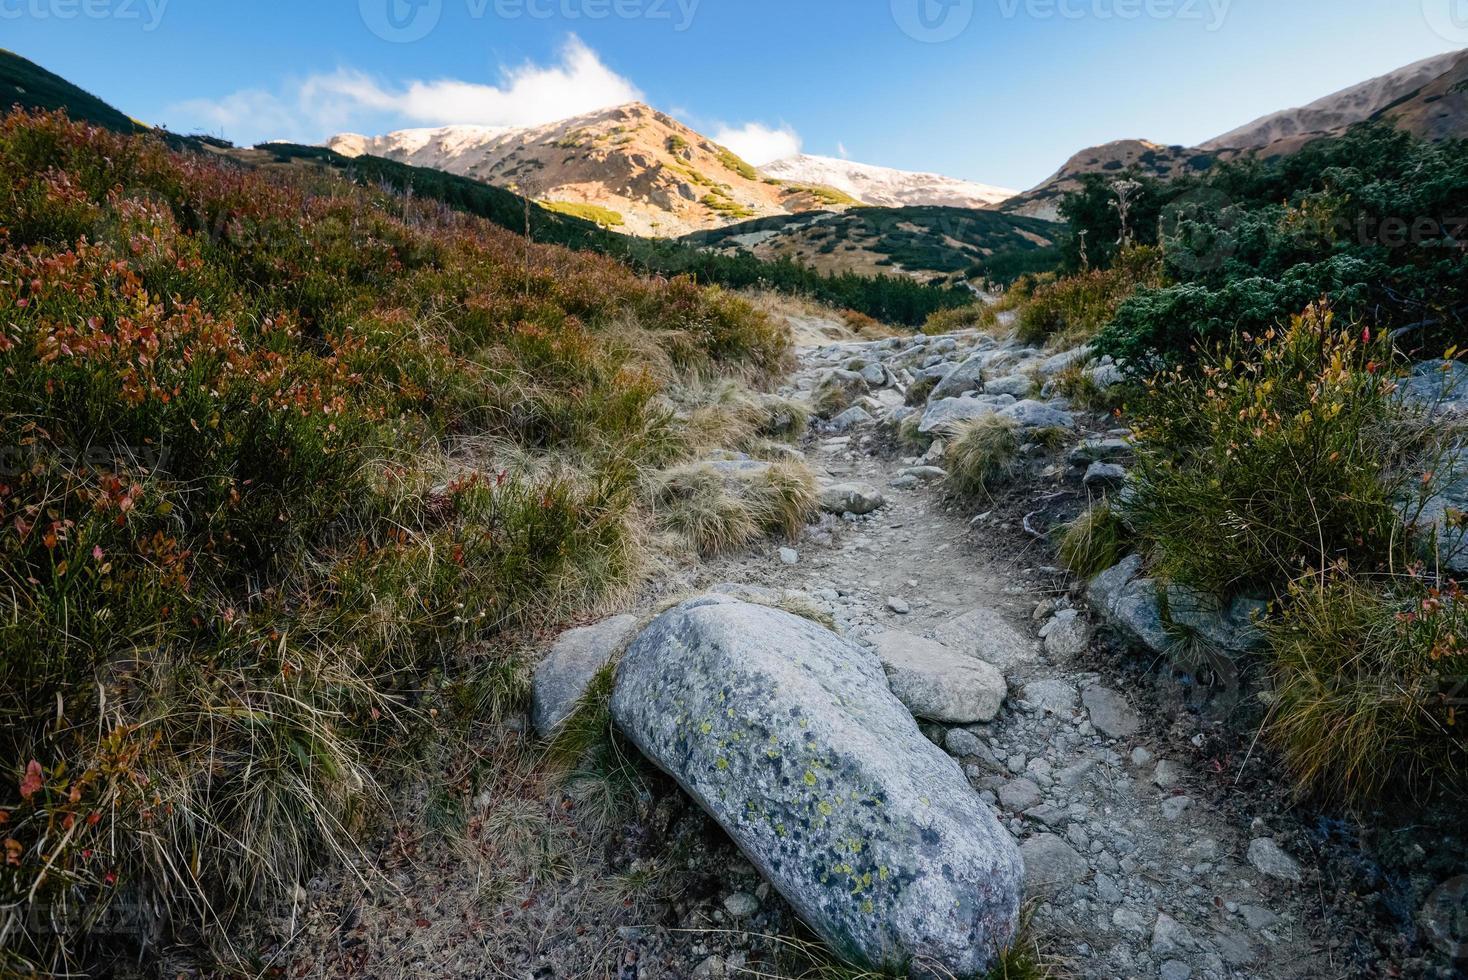 paisagem montanhosa com caminho que leva ao topo. tatras, eslováquia, europa. foto